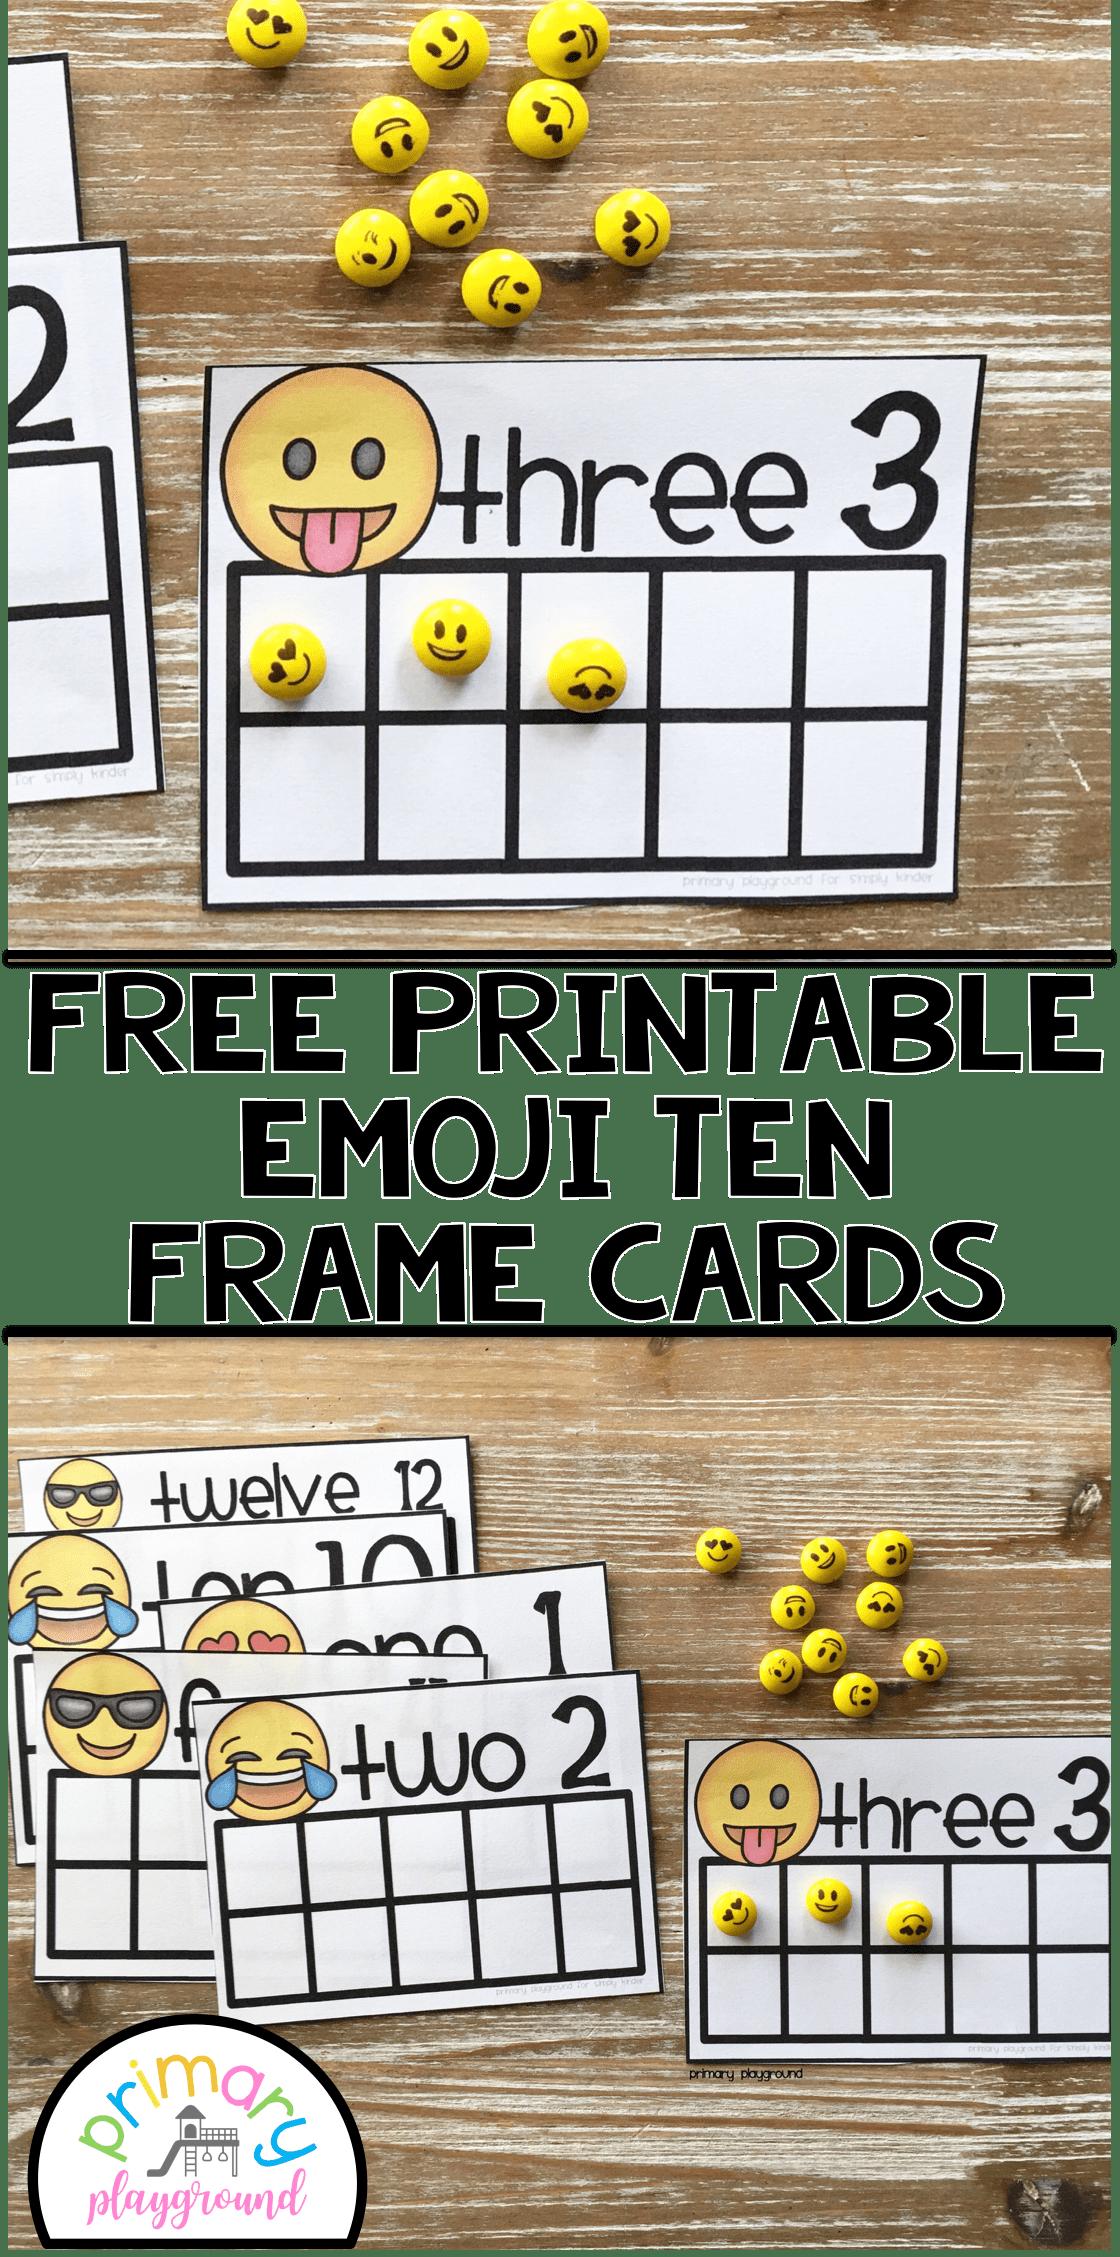 Free Printable Emoji Ten Frame Cards